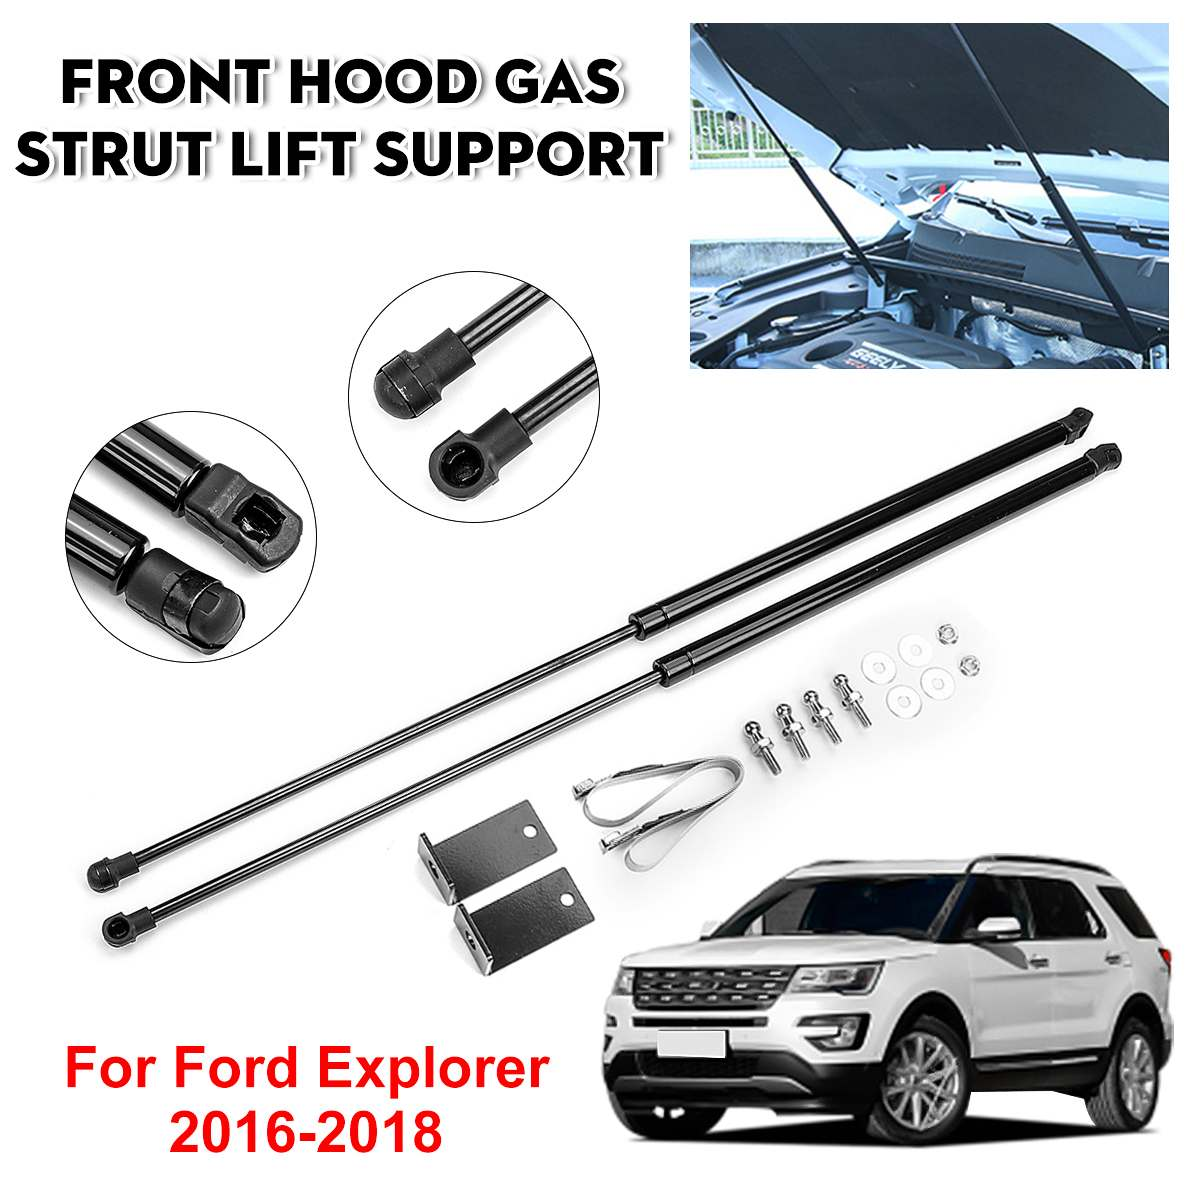 2X ฝาครอบด้านหน้า Bonnet Hood แรงกระแทก Struts บาร์สนับสนุนแขนแก๊สไฮดรอลิกสำหรับ Ford Explorer 2016 2017 2018